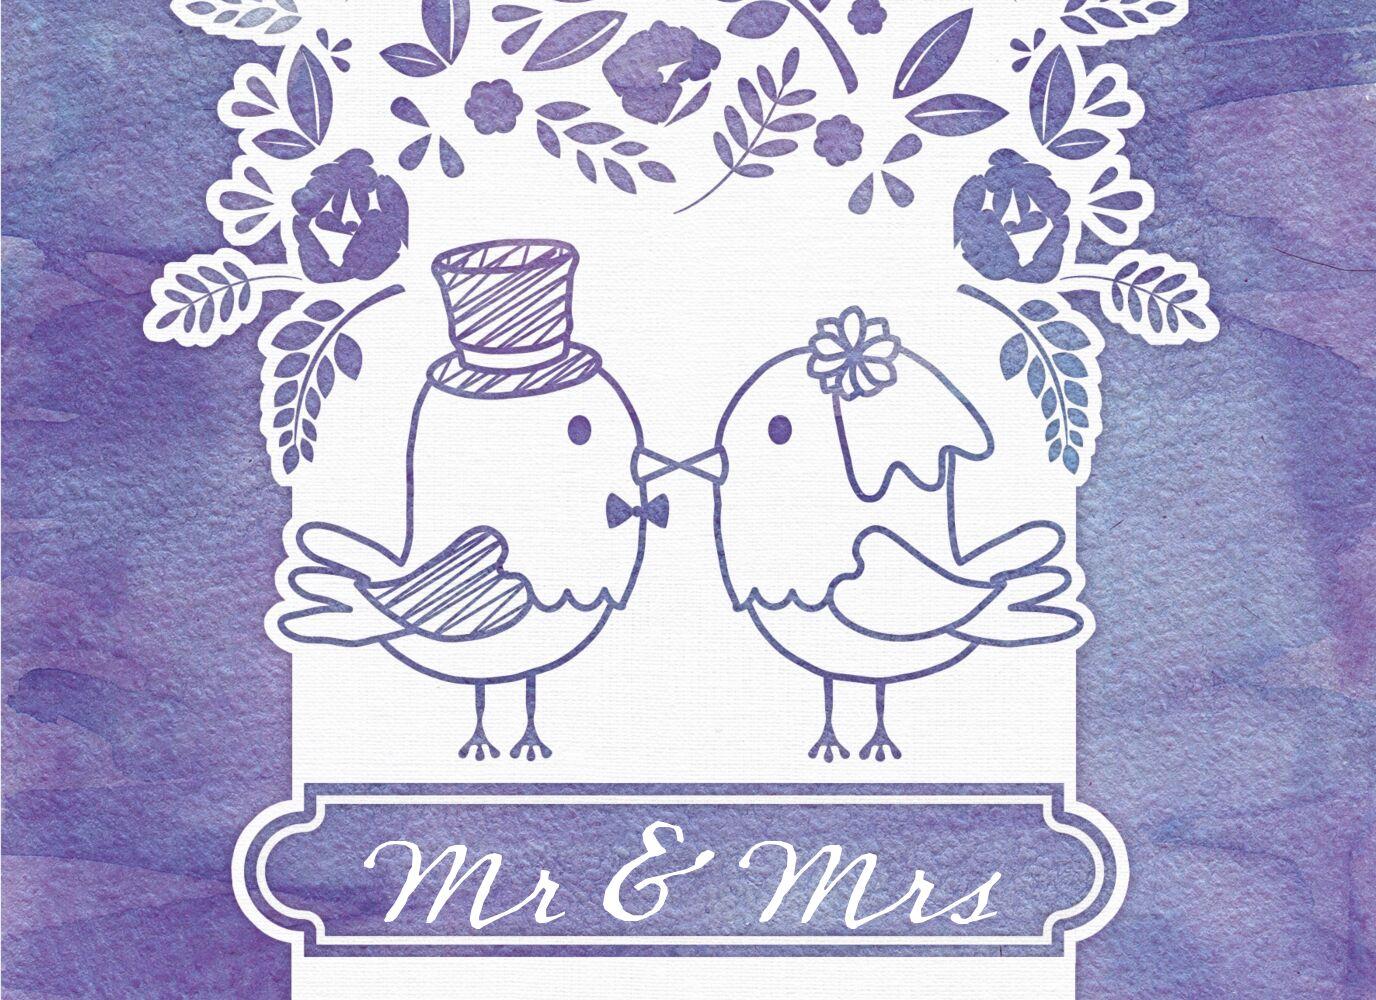 Ansicht 3 - Hochzeit Einladung Vogelpaar